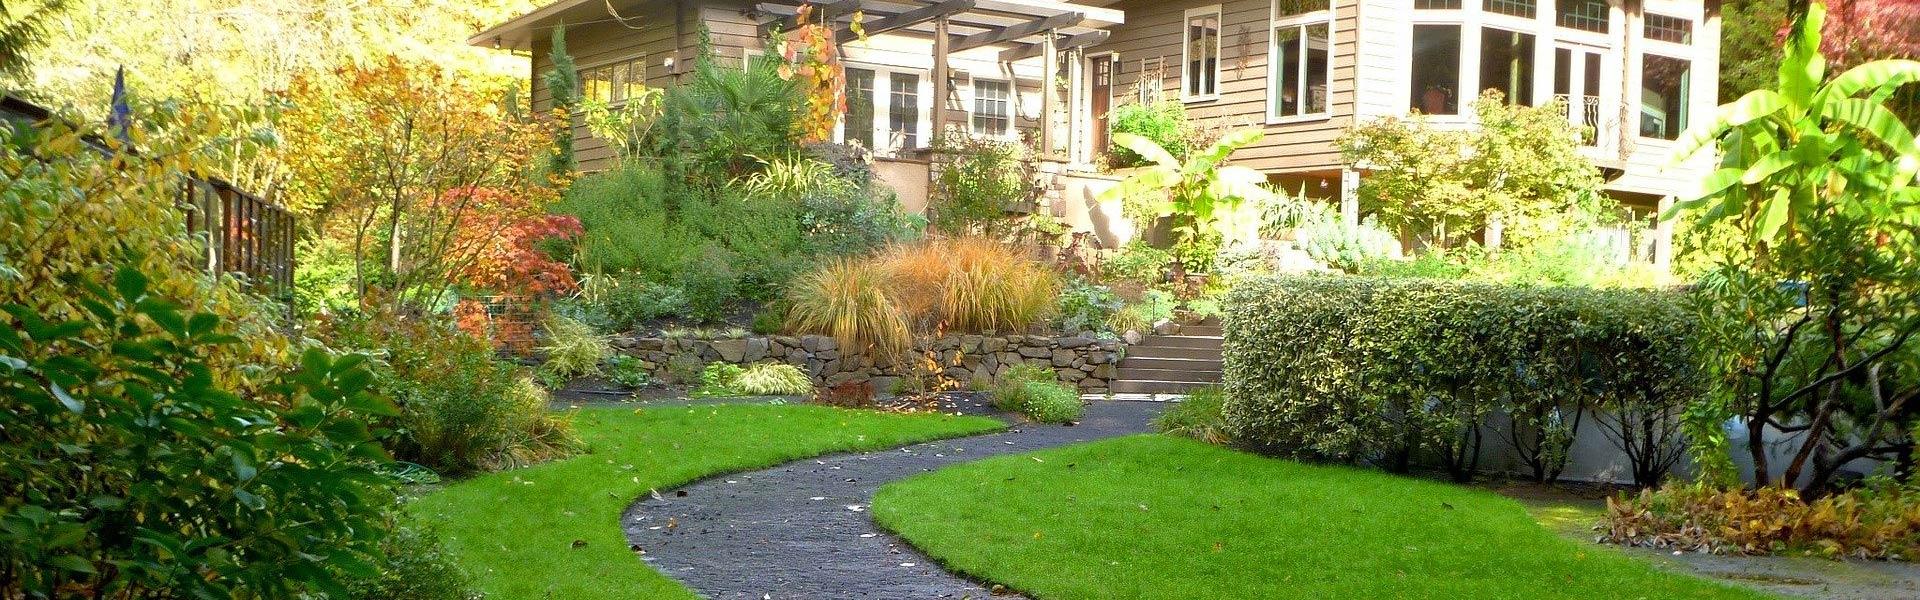 Schöner gepflegter Garten